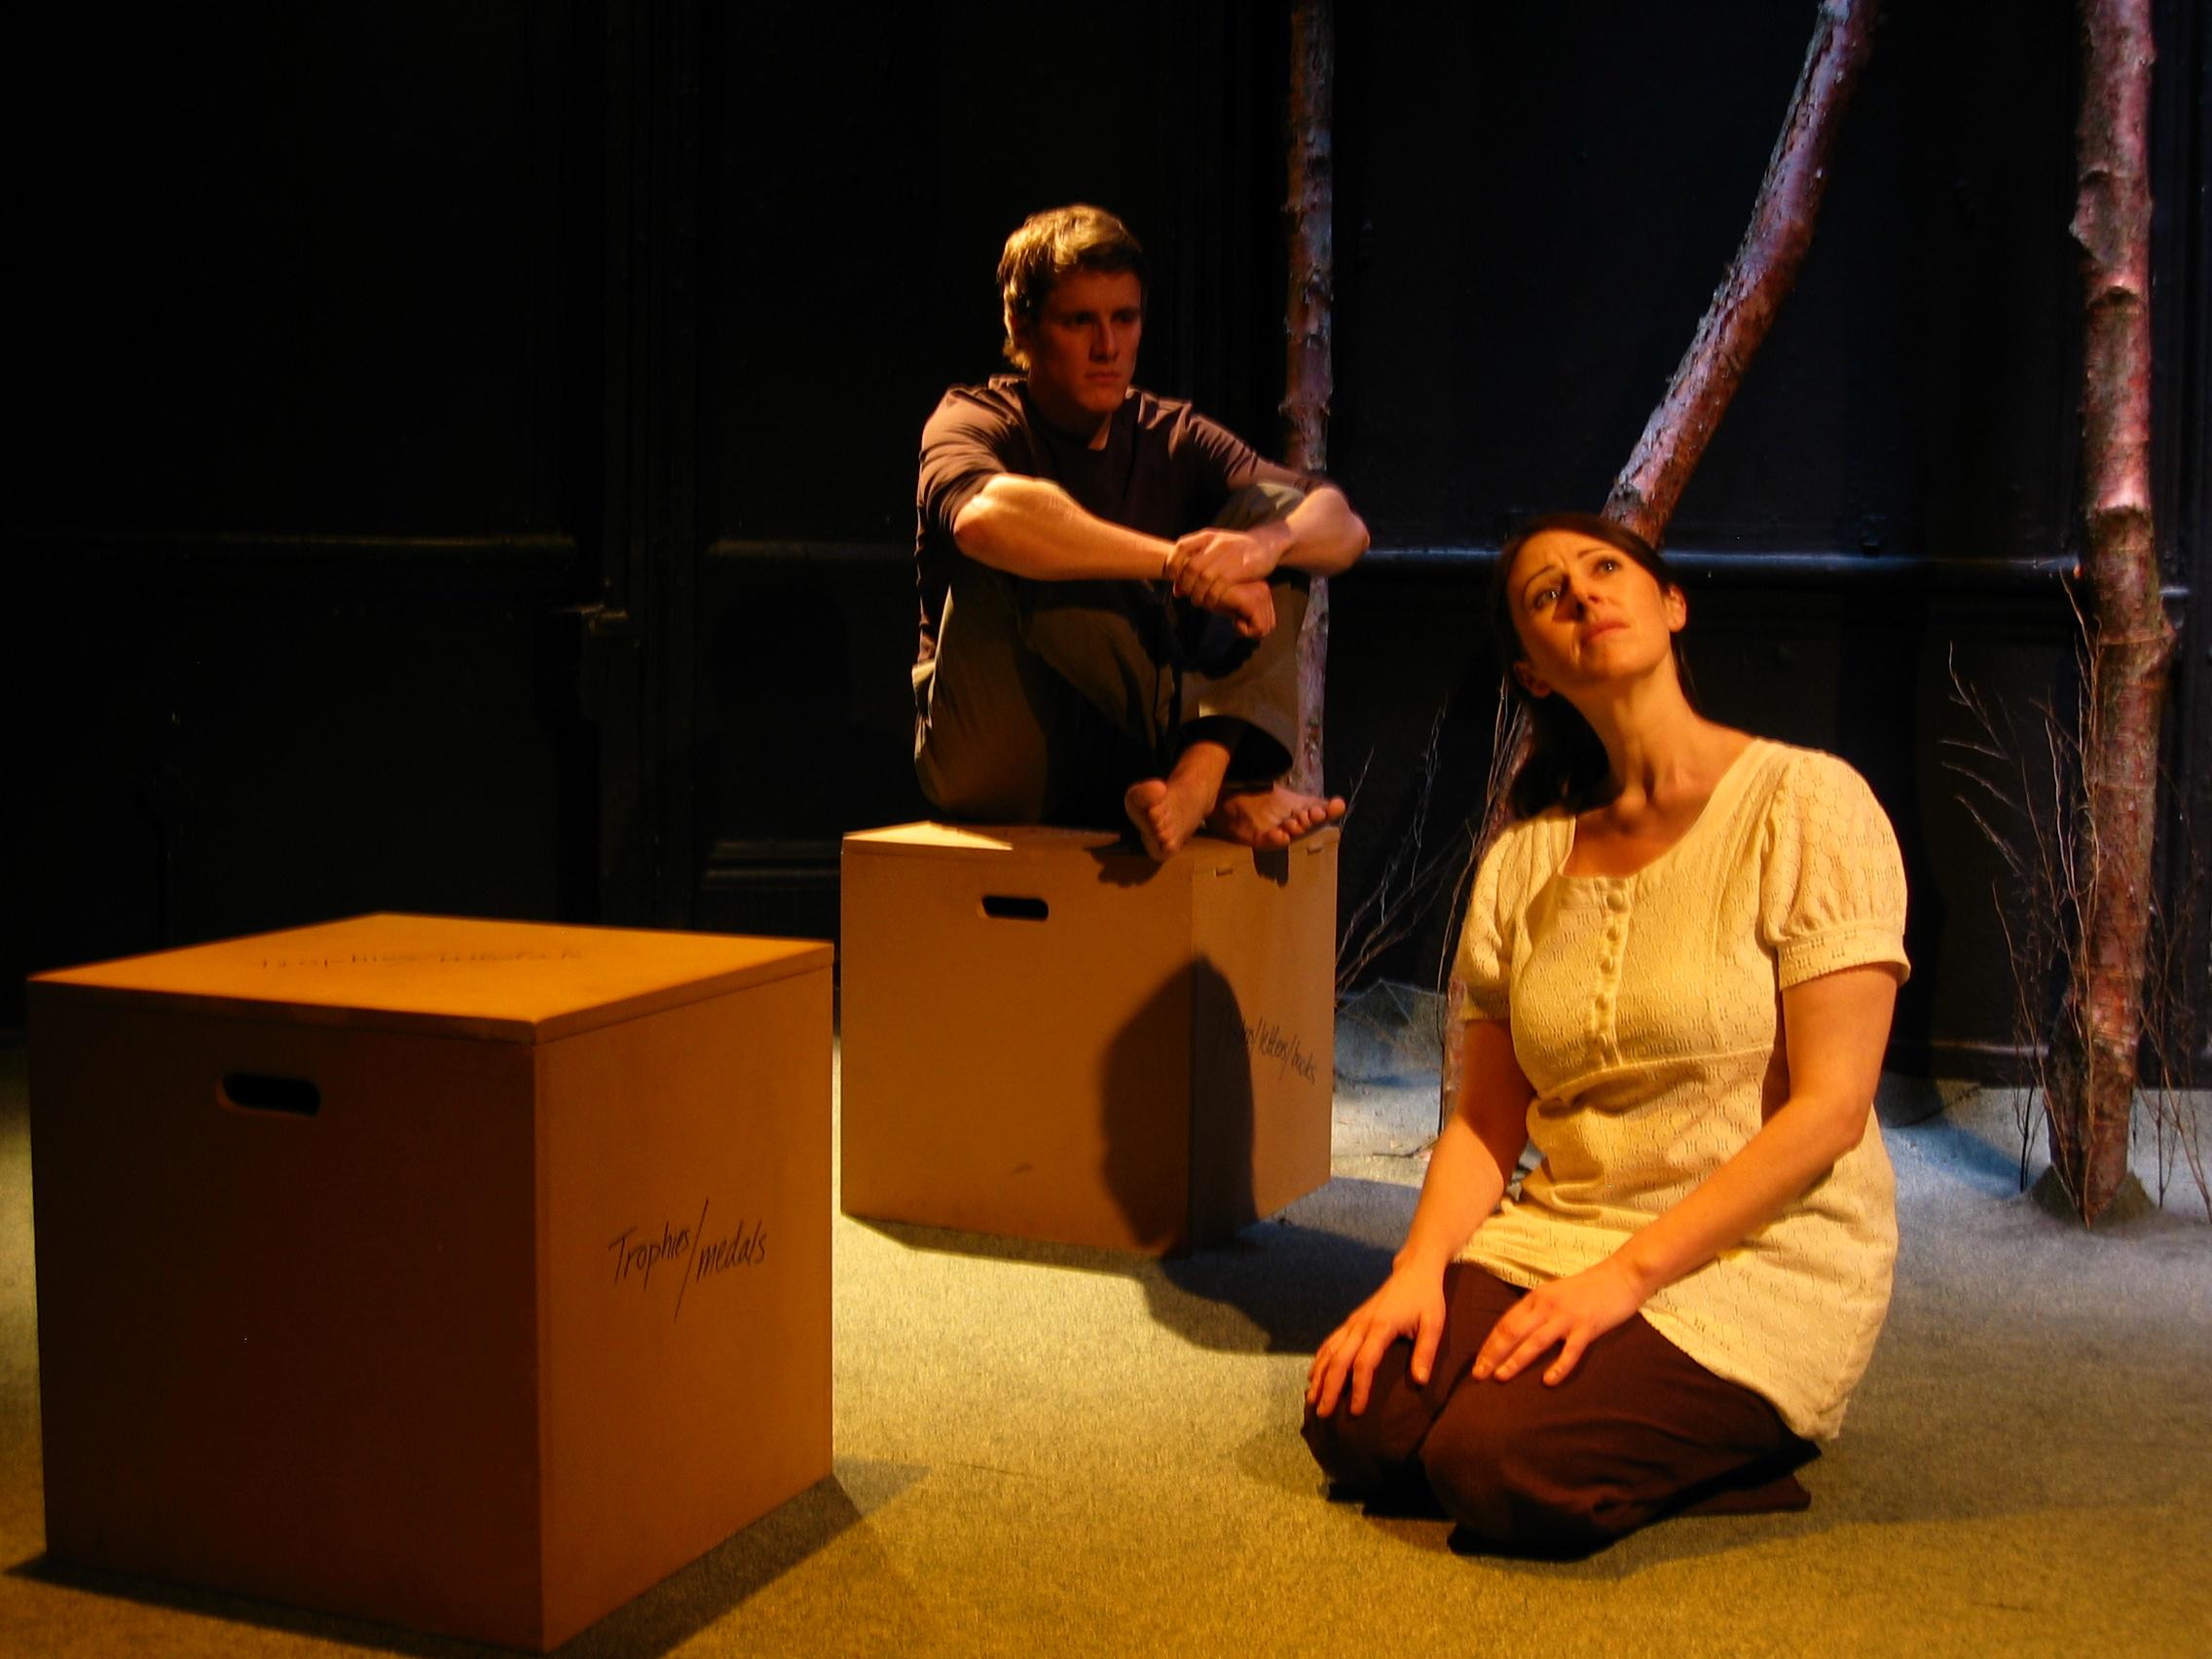 John & Jen - Helen Evans and Jon Hawkins